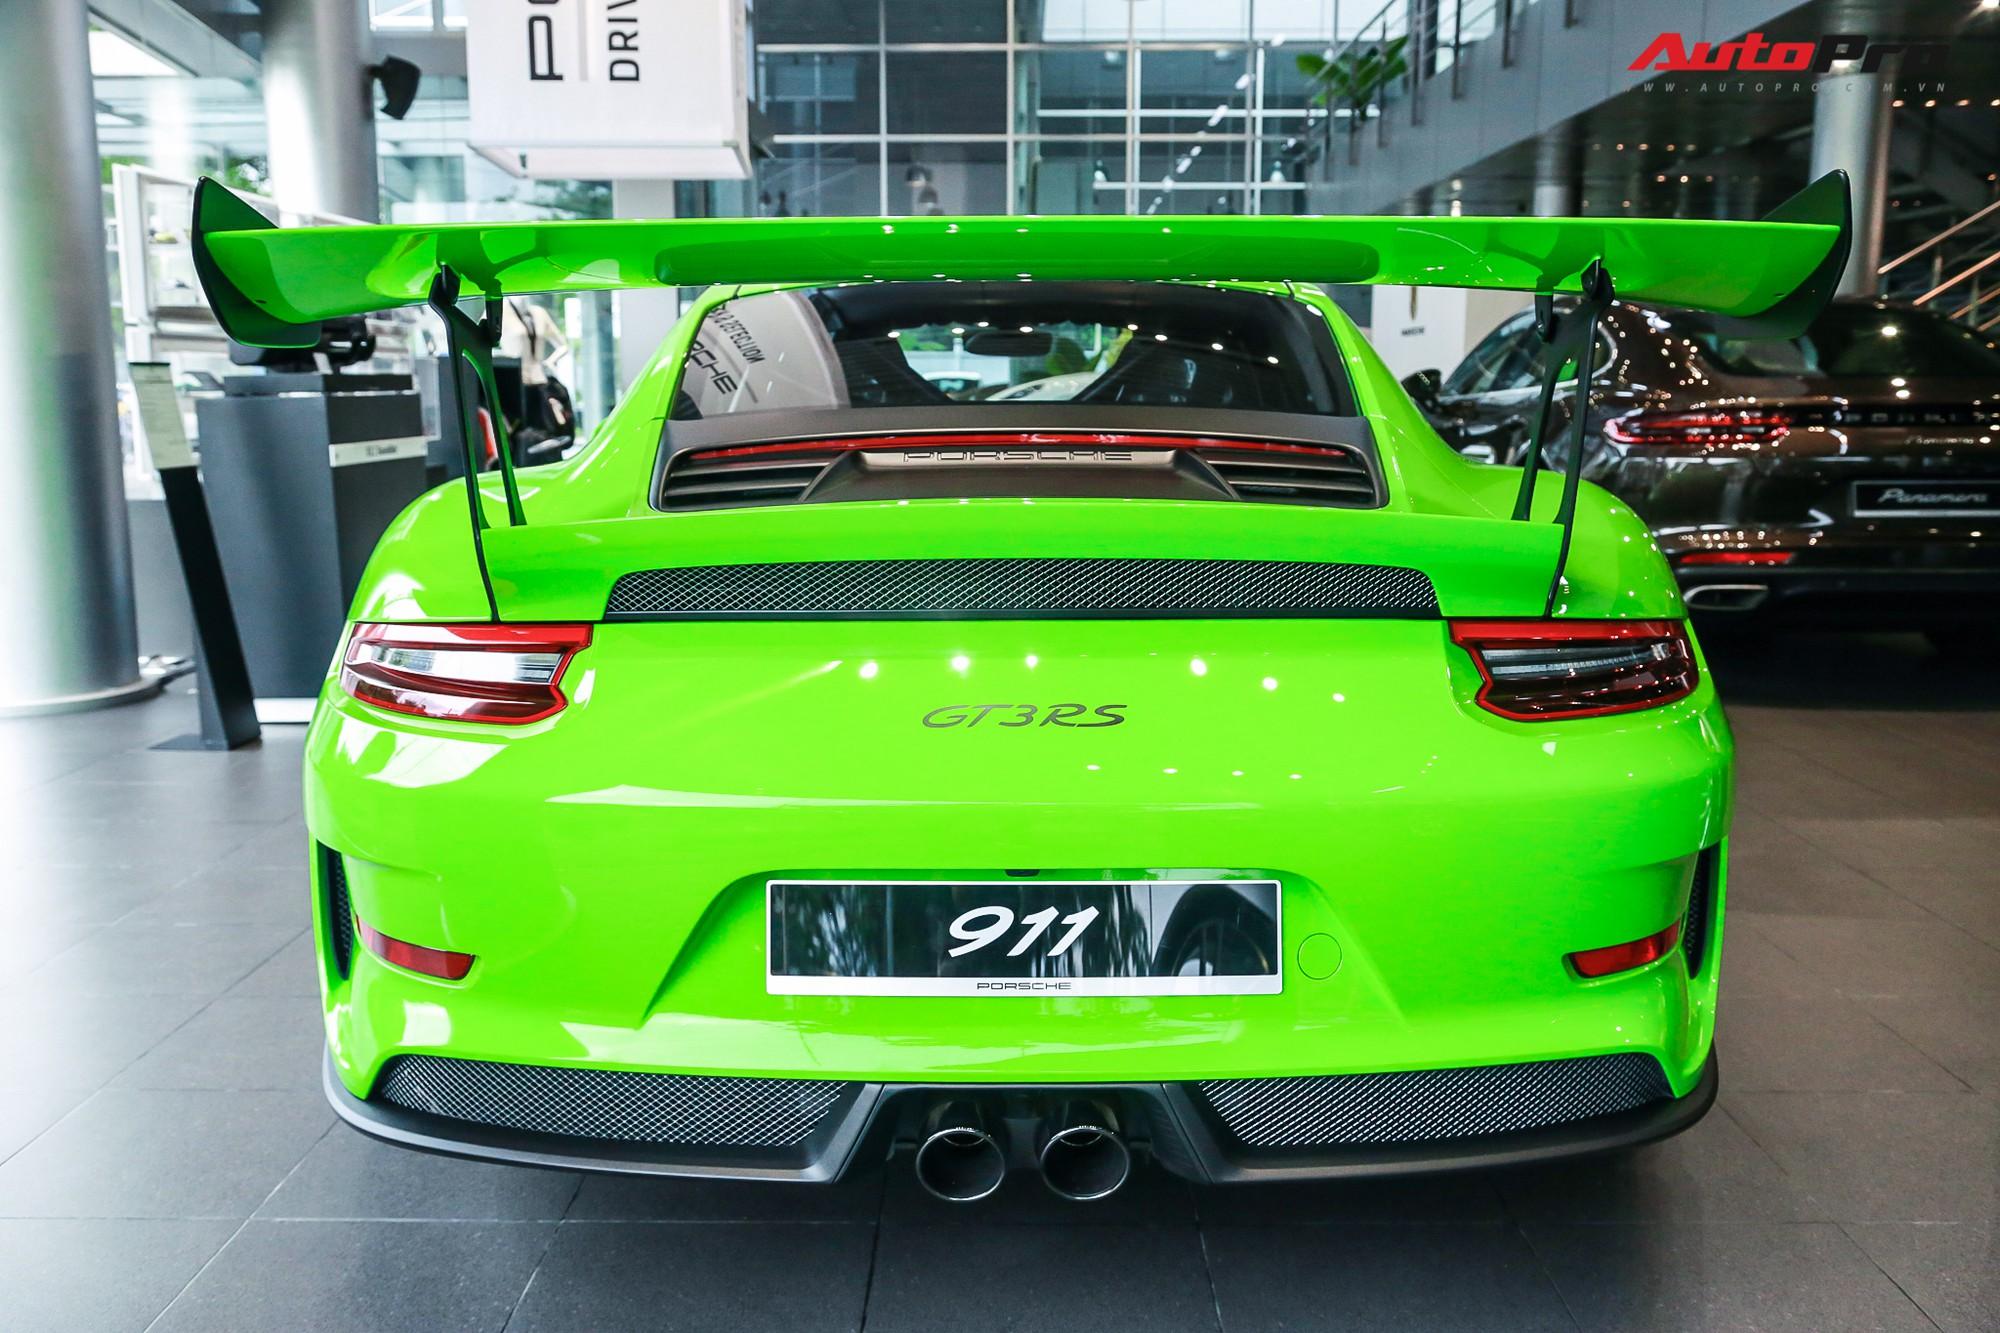 Cận cảnh siêu xe Porsche 911 giá gần 14 tỷ đồng vừa xuất hiện tại Hà Nội  - Ảnh 2